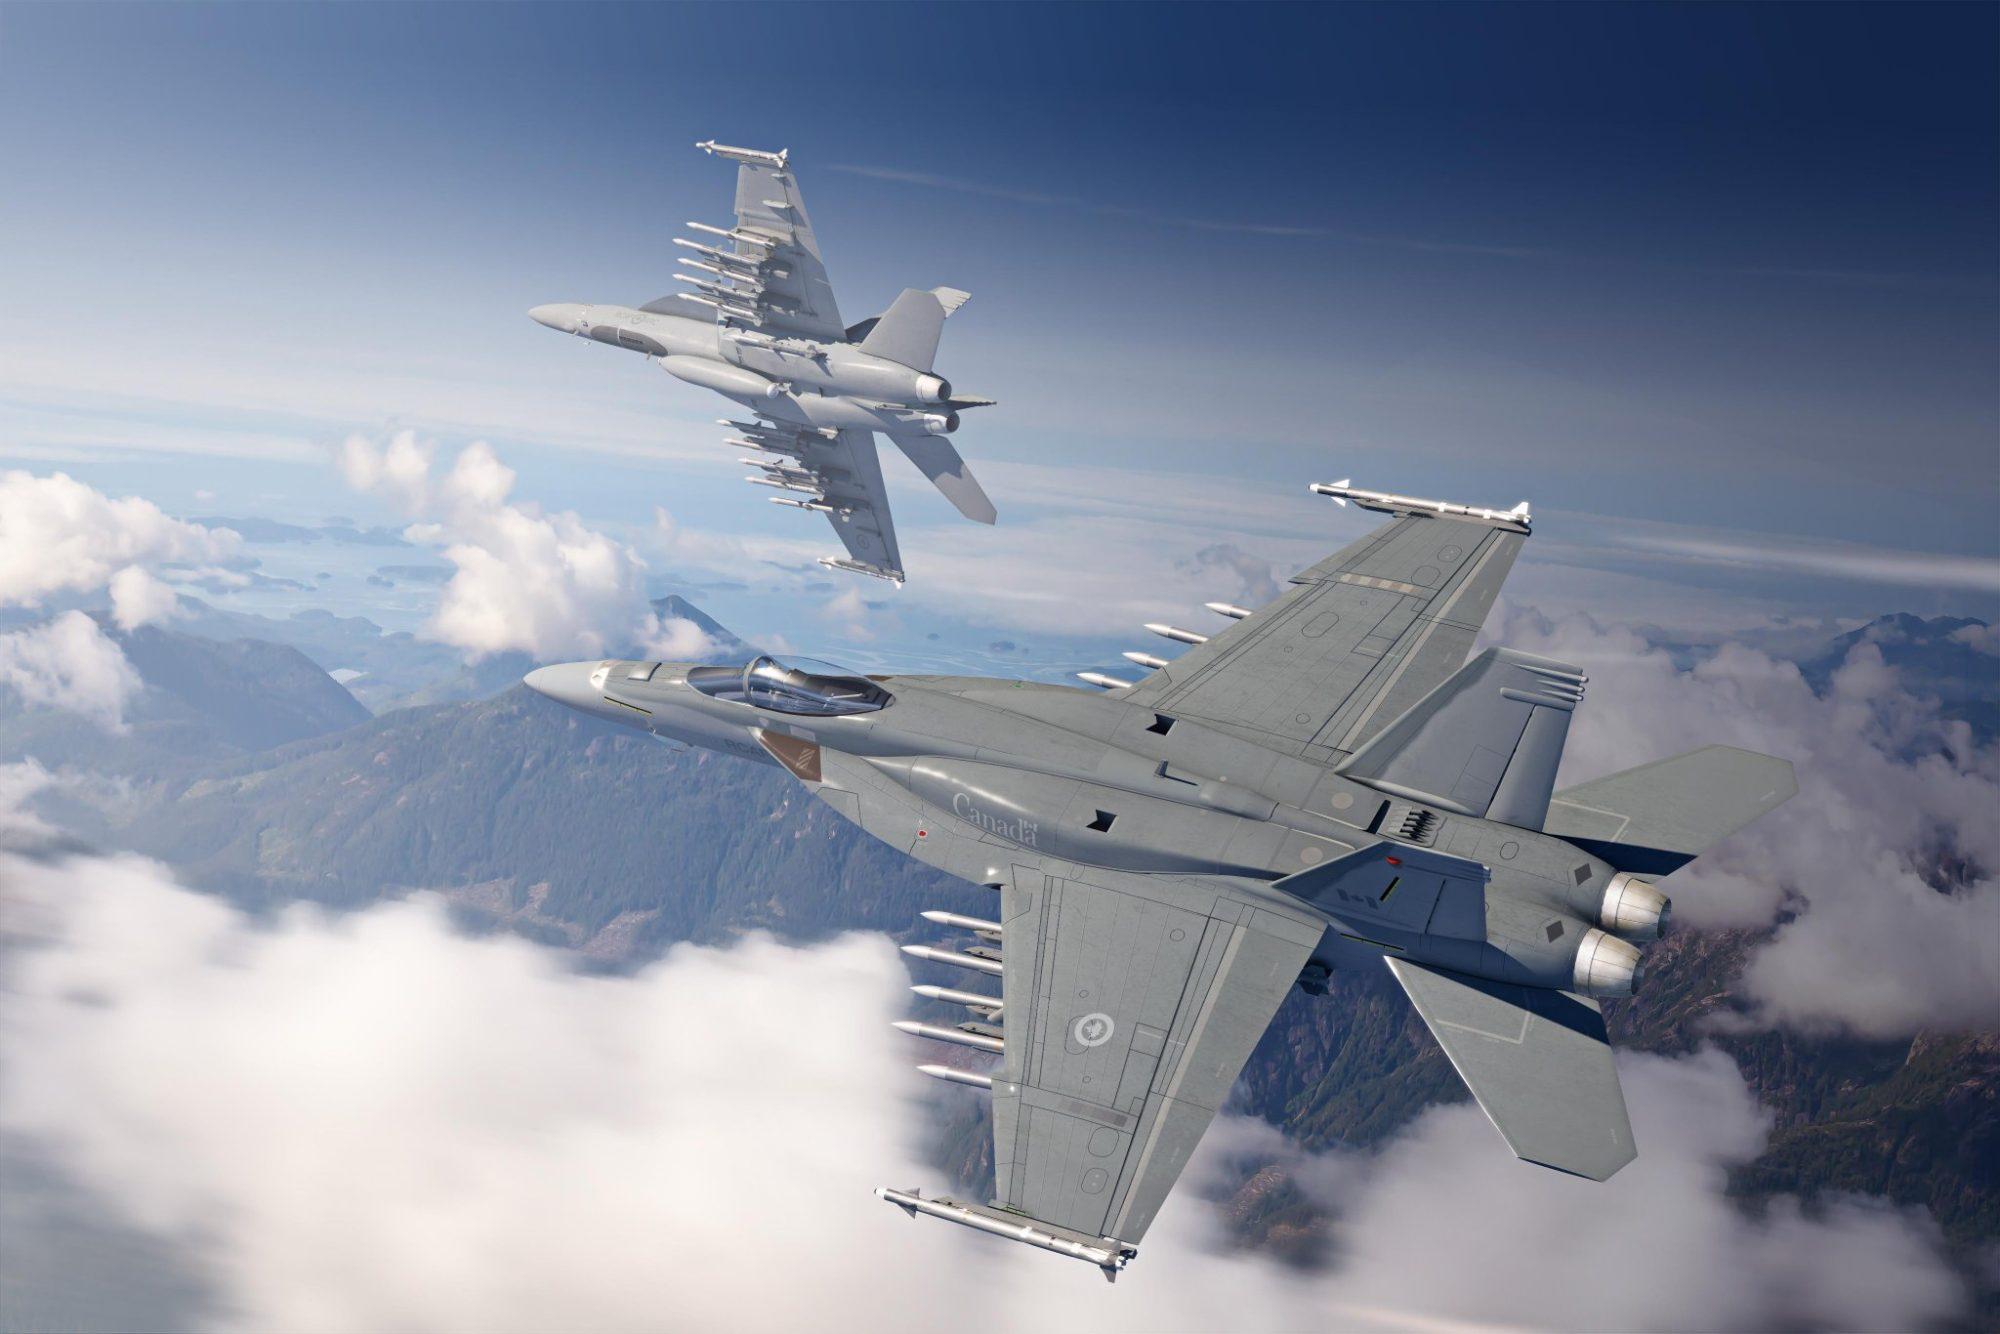 Boeing F/A-18E Super Hornet para o Canadá